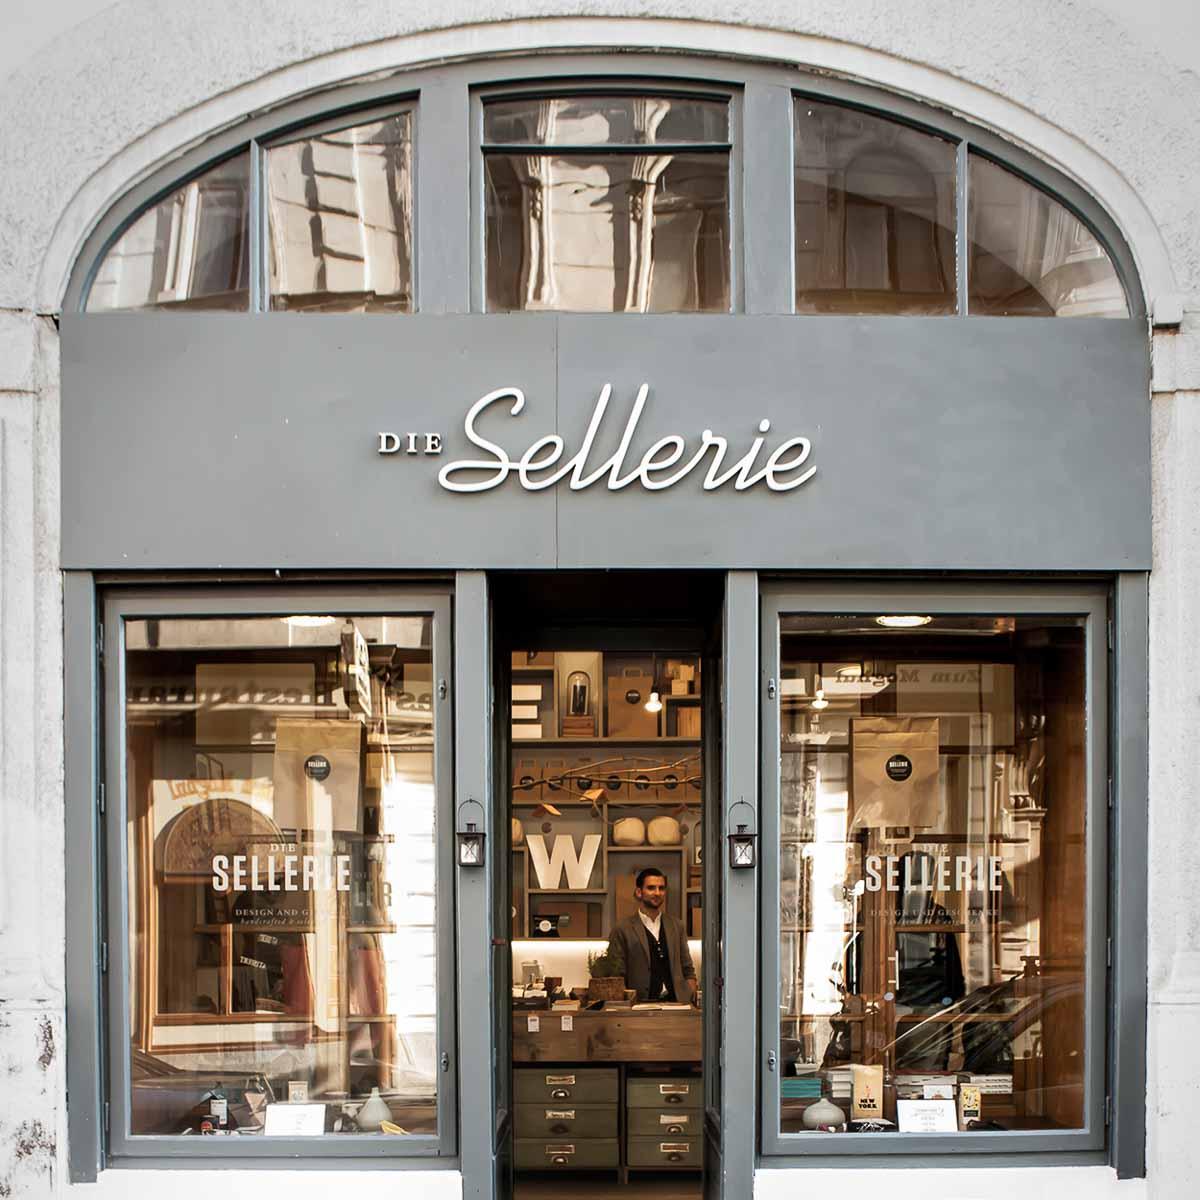 Concept Store Die Sellerie in Wien